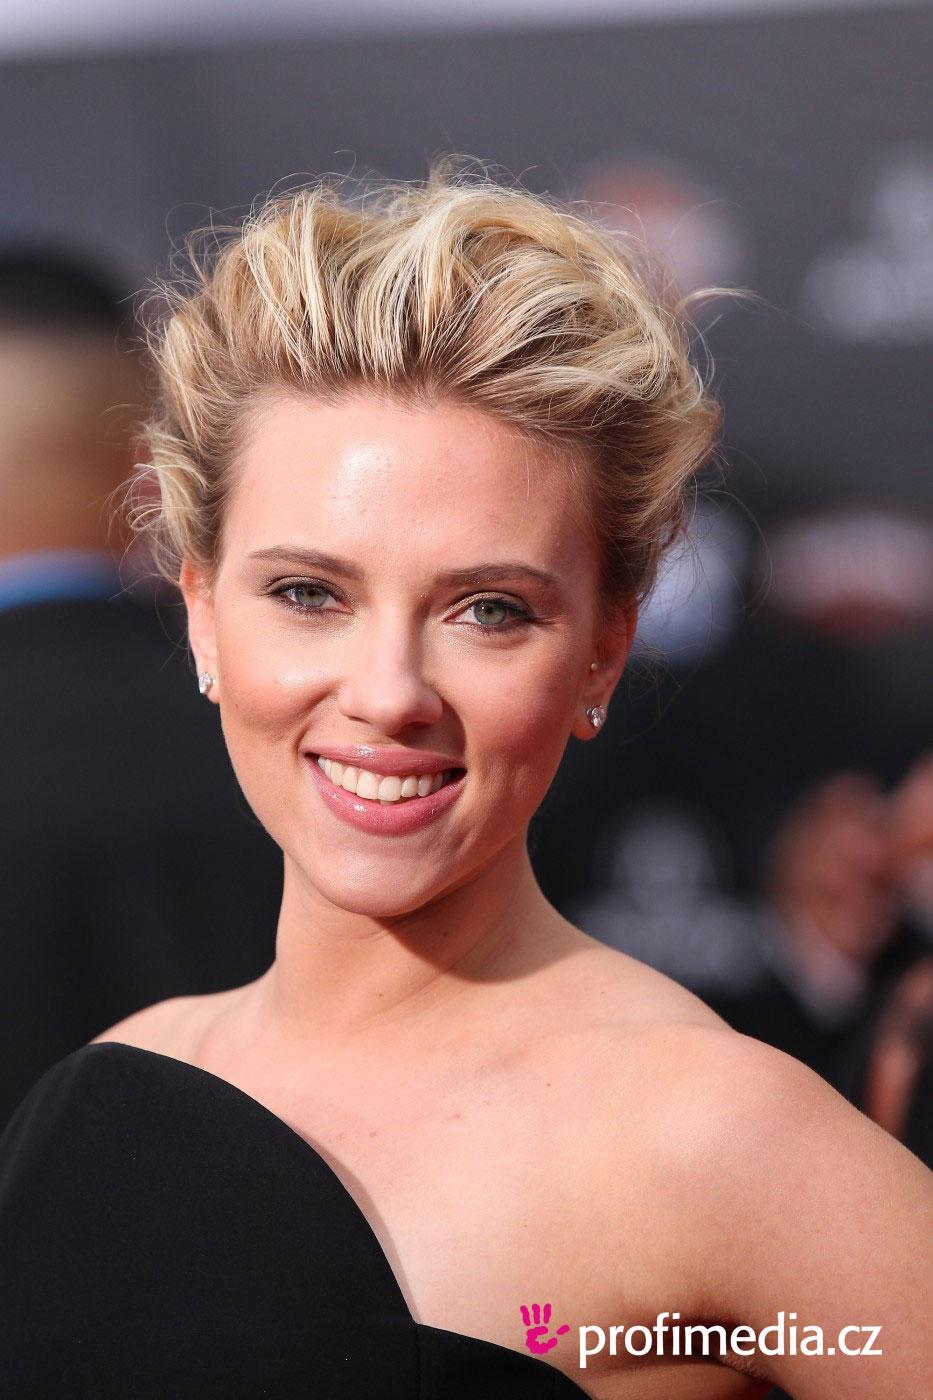 Scarlett Johansson Frisur Zum Ausprobieren In Efrisuren